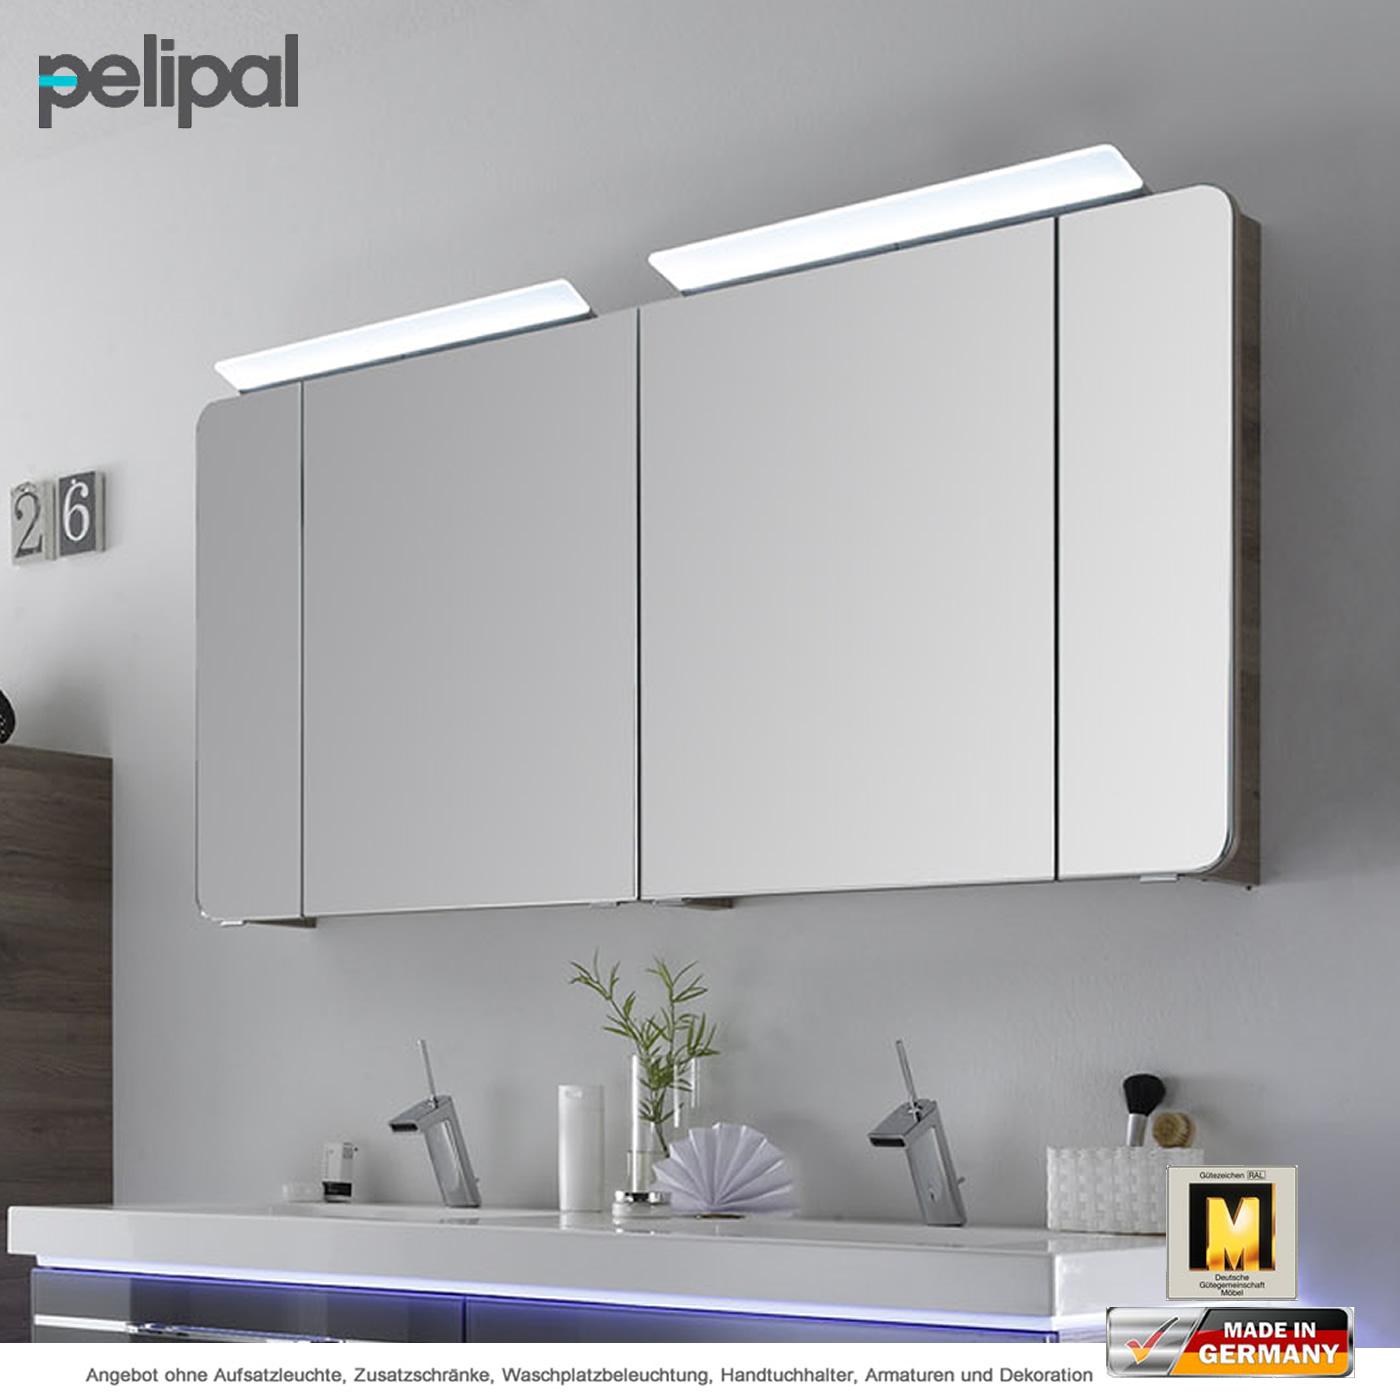 Pelipal Balto Spiegelschrank 150 cm mit 4 Türen | Impulsbad